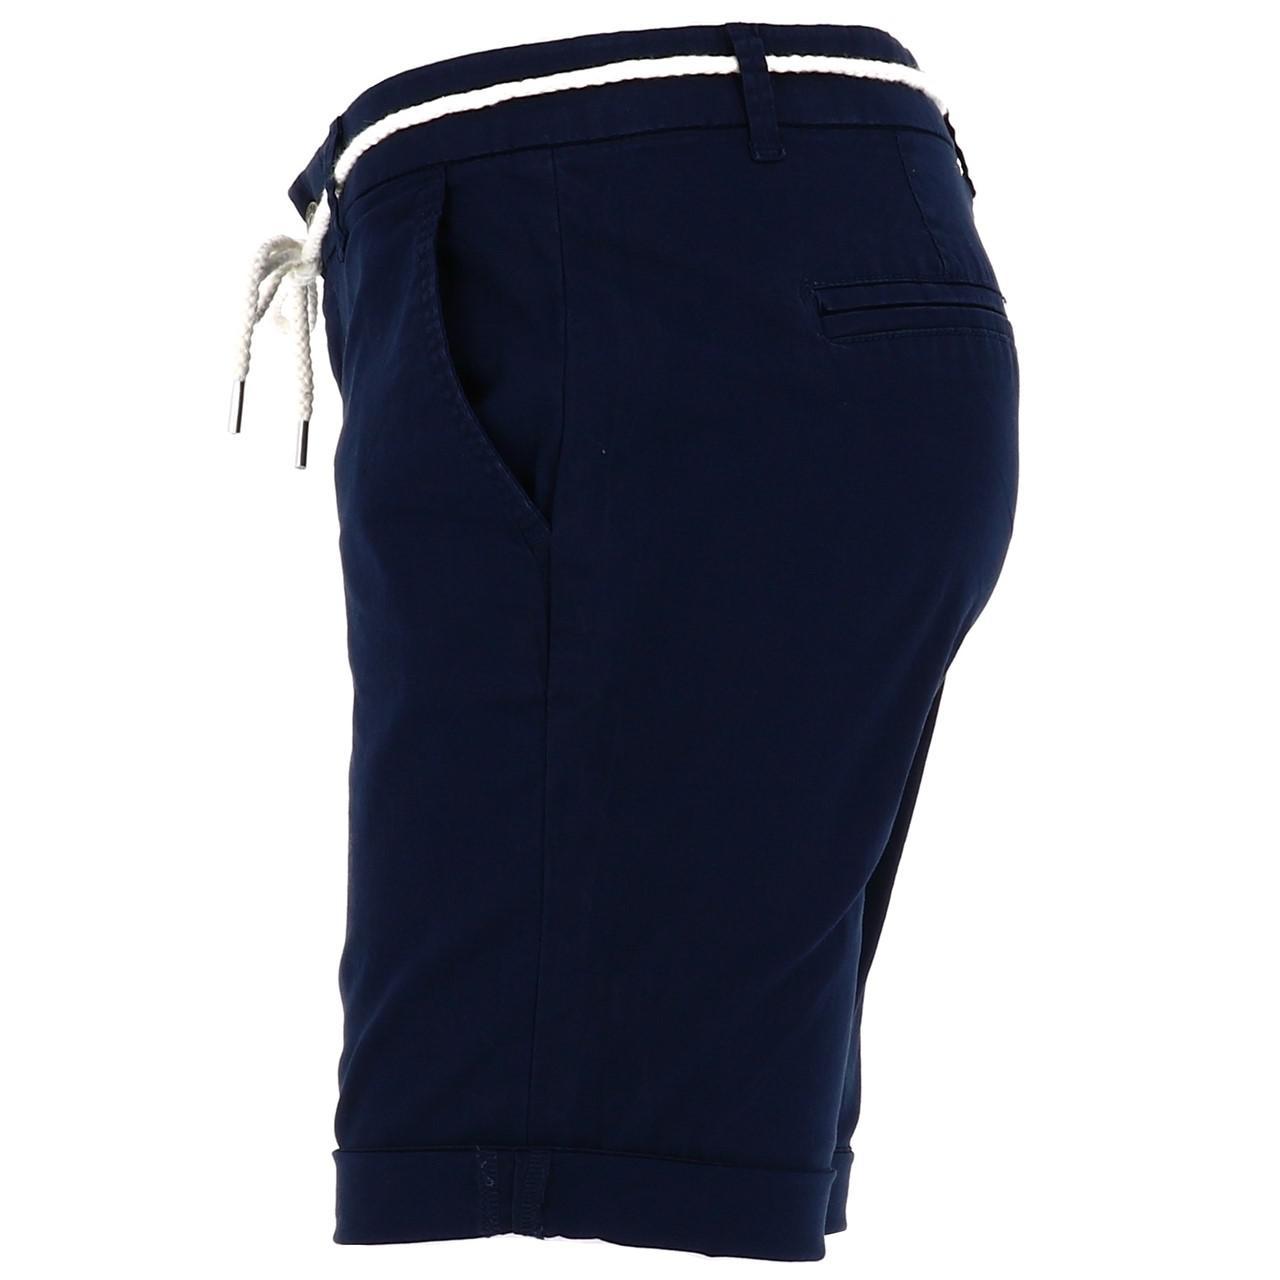 Bermuda-Shorts-Only-Paris-L-Chino-Navy-Shorts-Blue-18677-New thumbnail 2